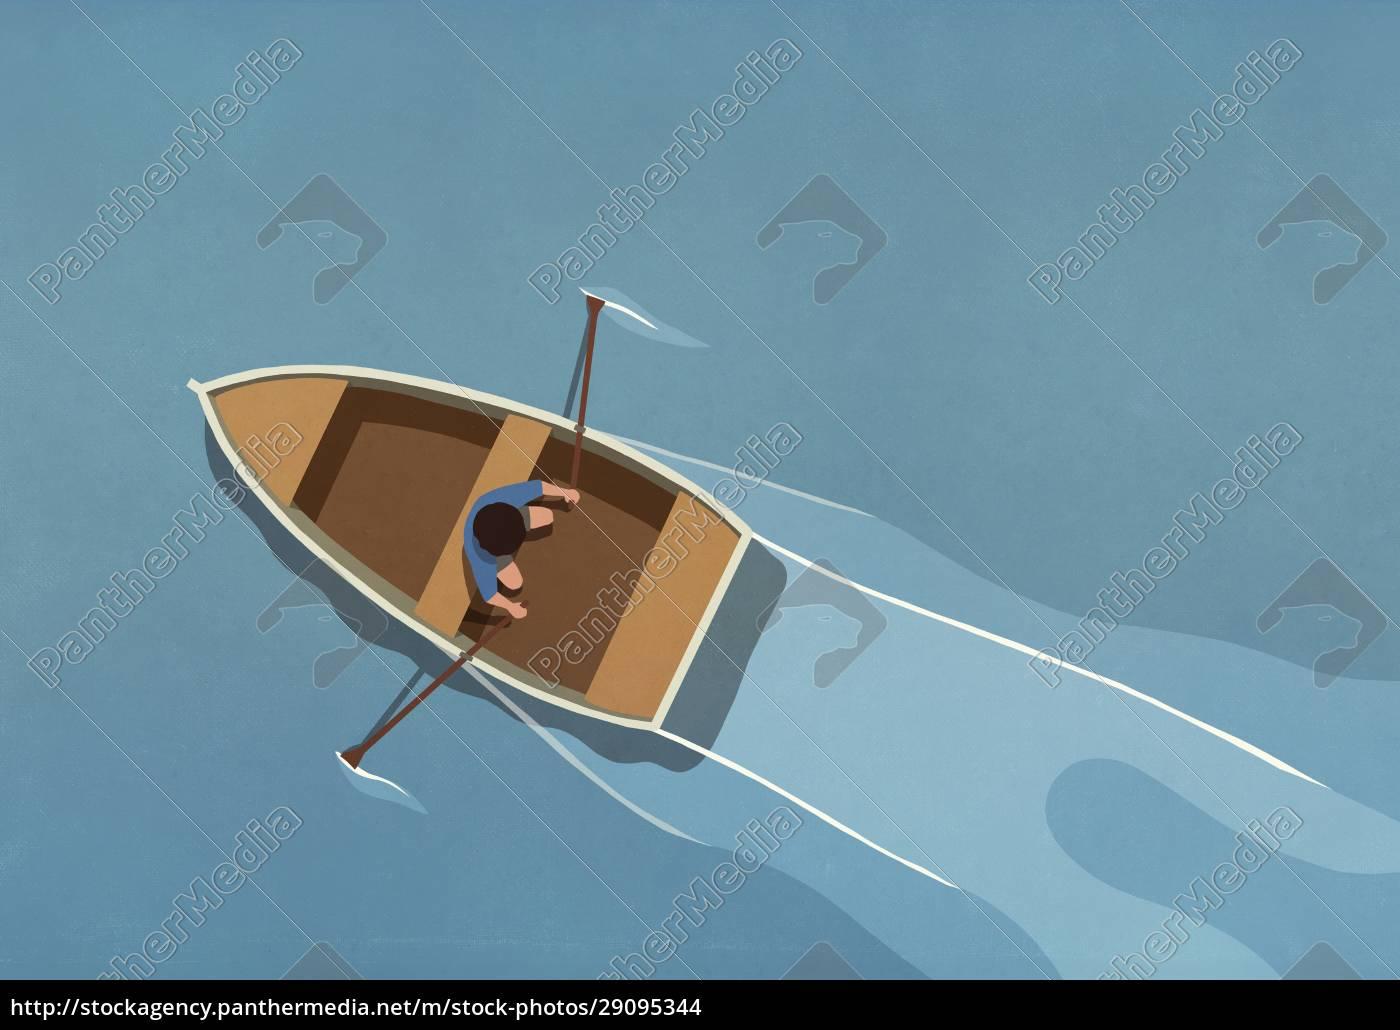 uomo, in, barca, a, remi, sull'acqua - 29095344